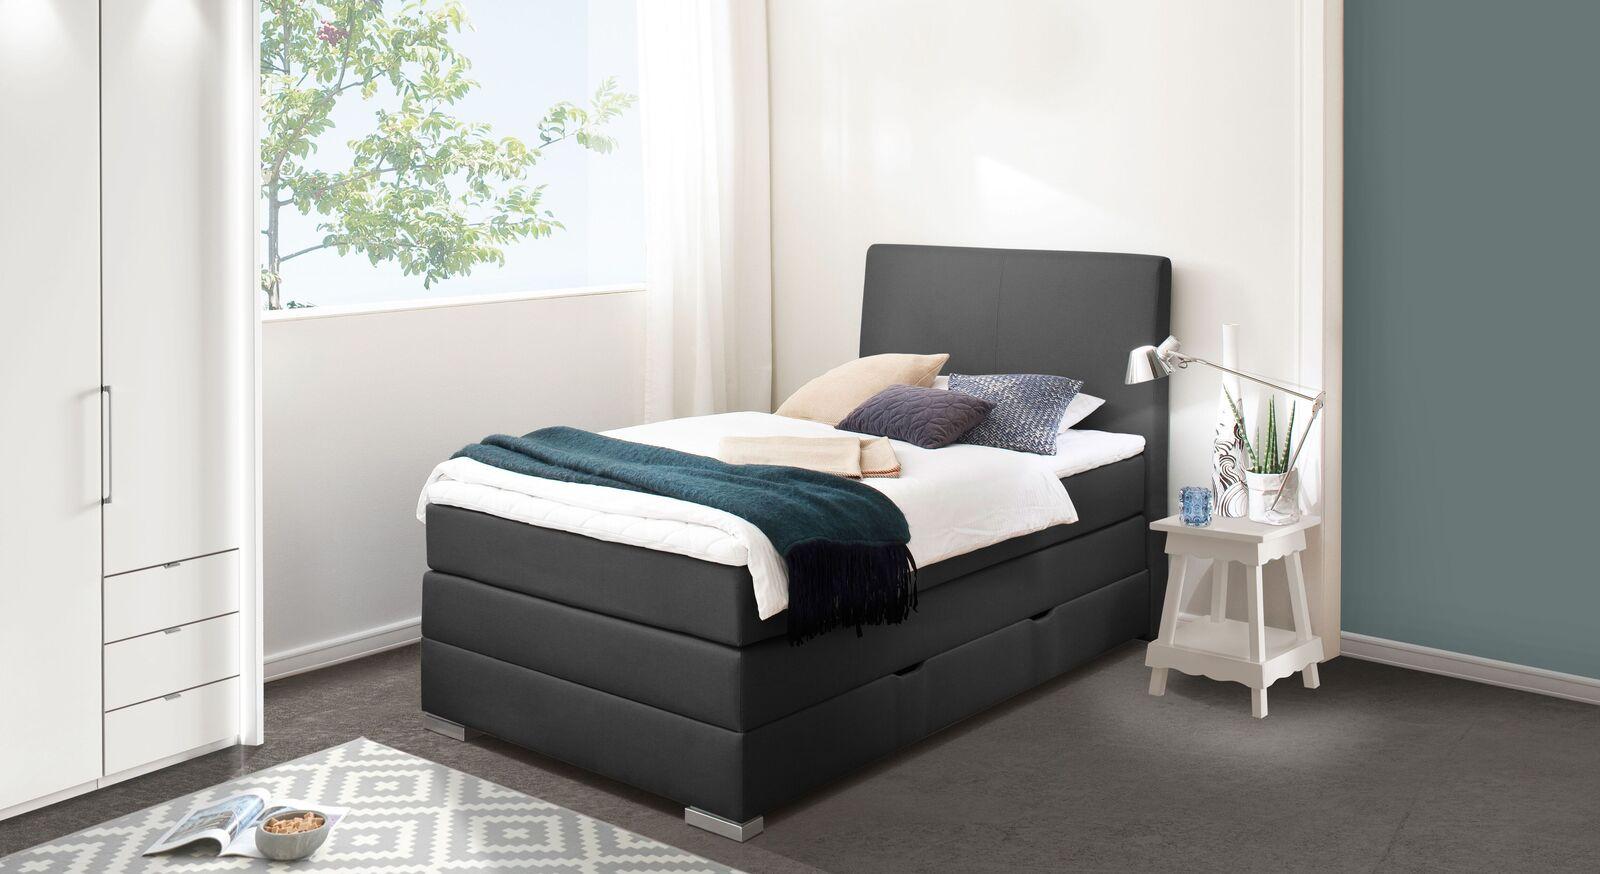 Komplett-Schlafzimmer mit Bettkasten-Boxspringbett Ivetta